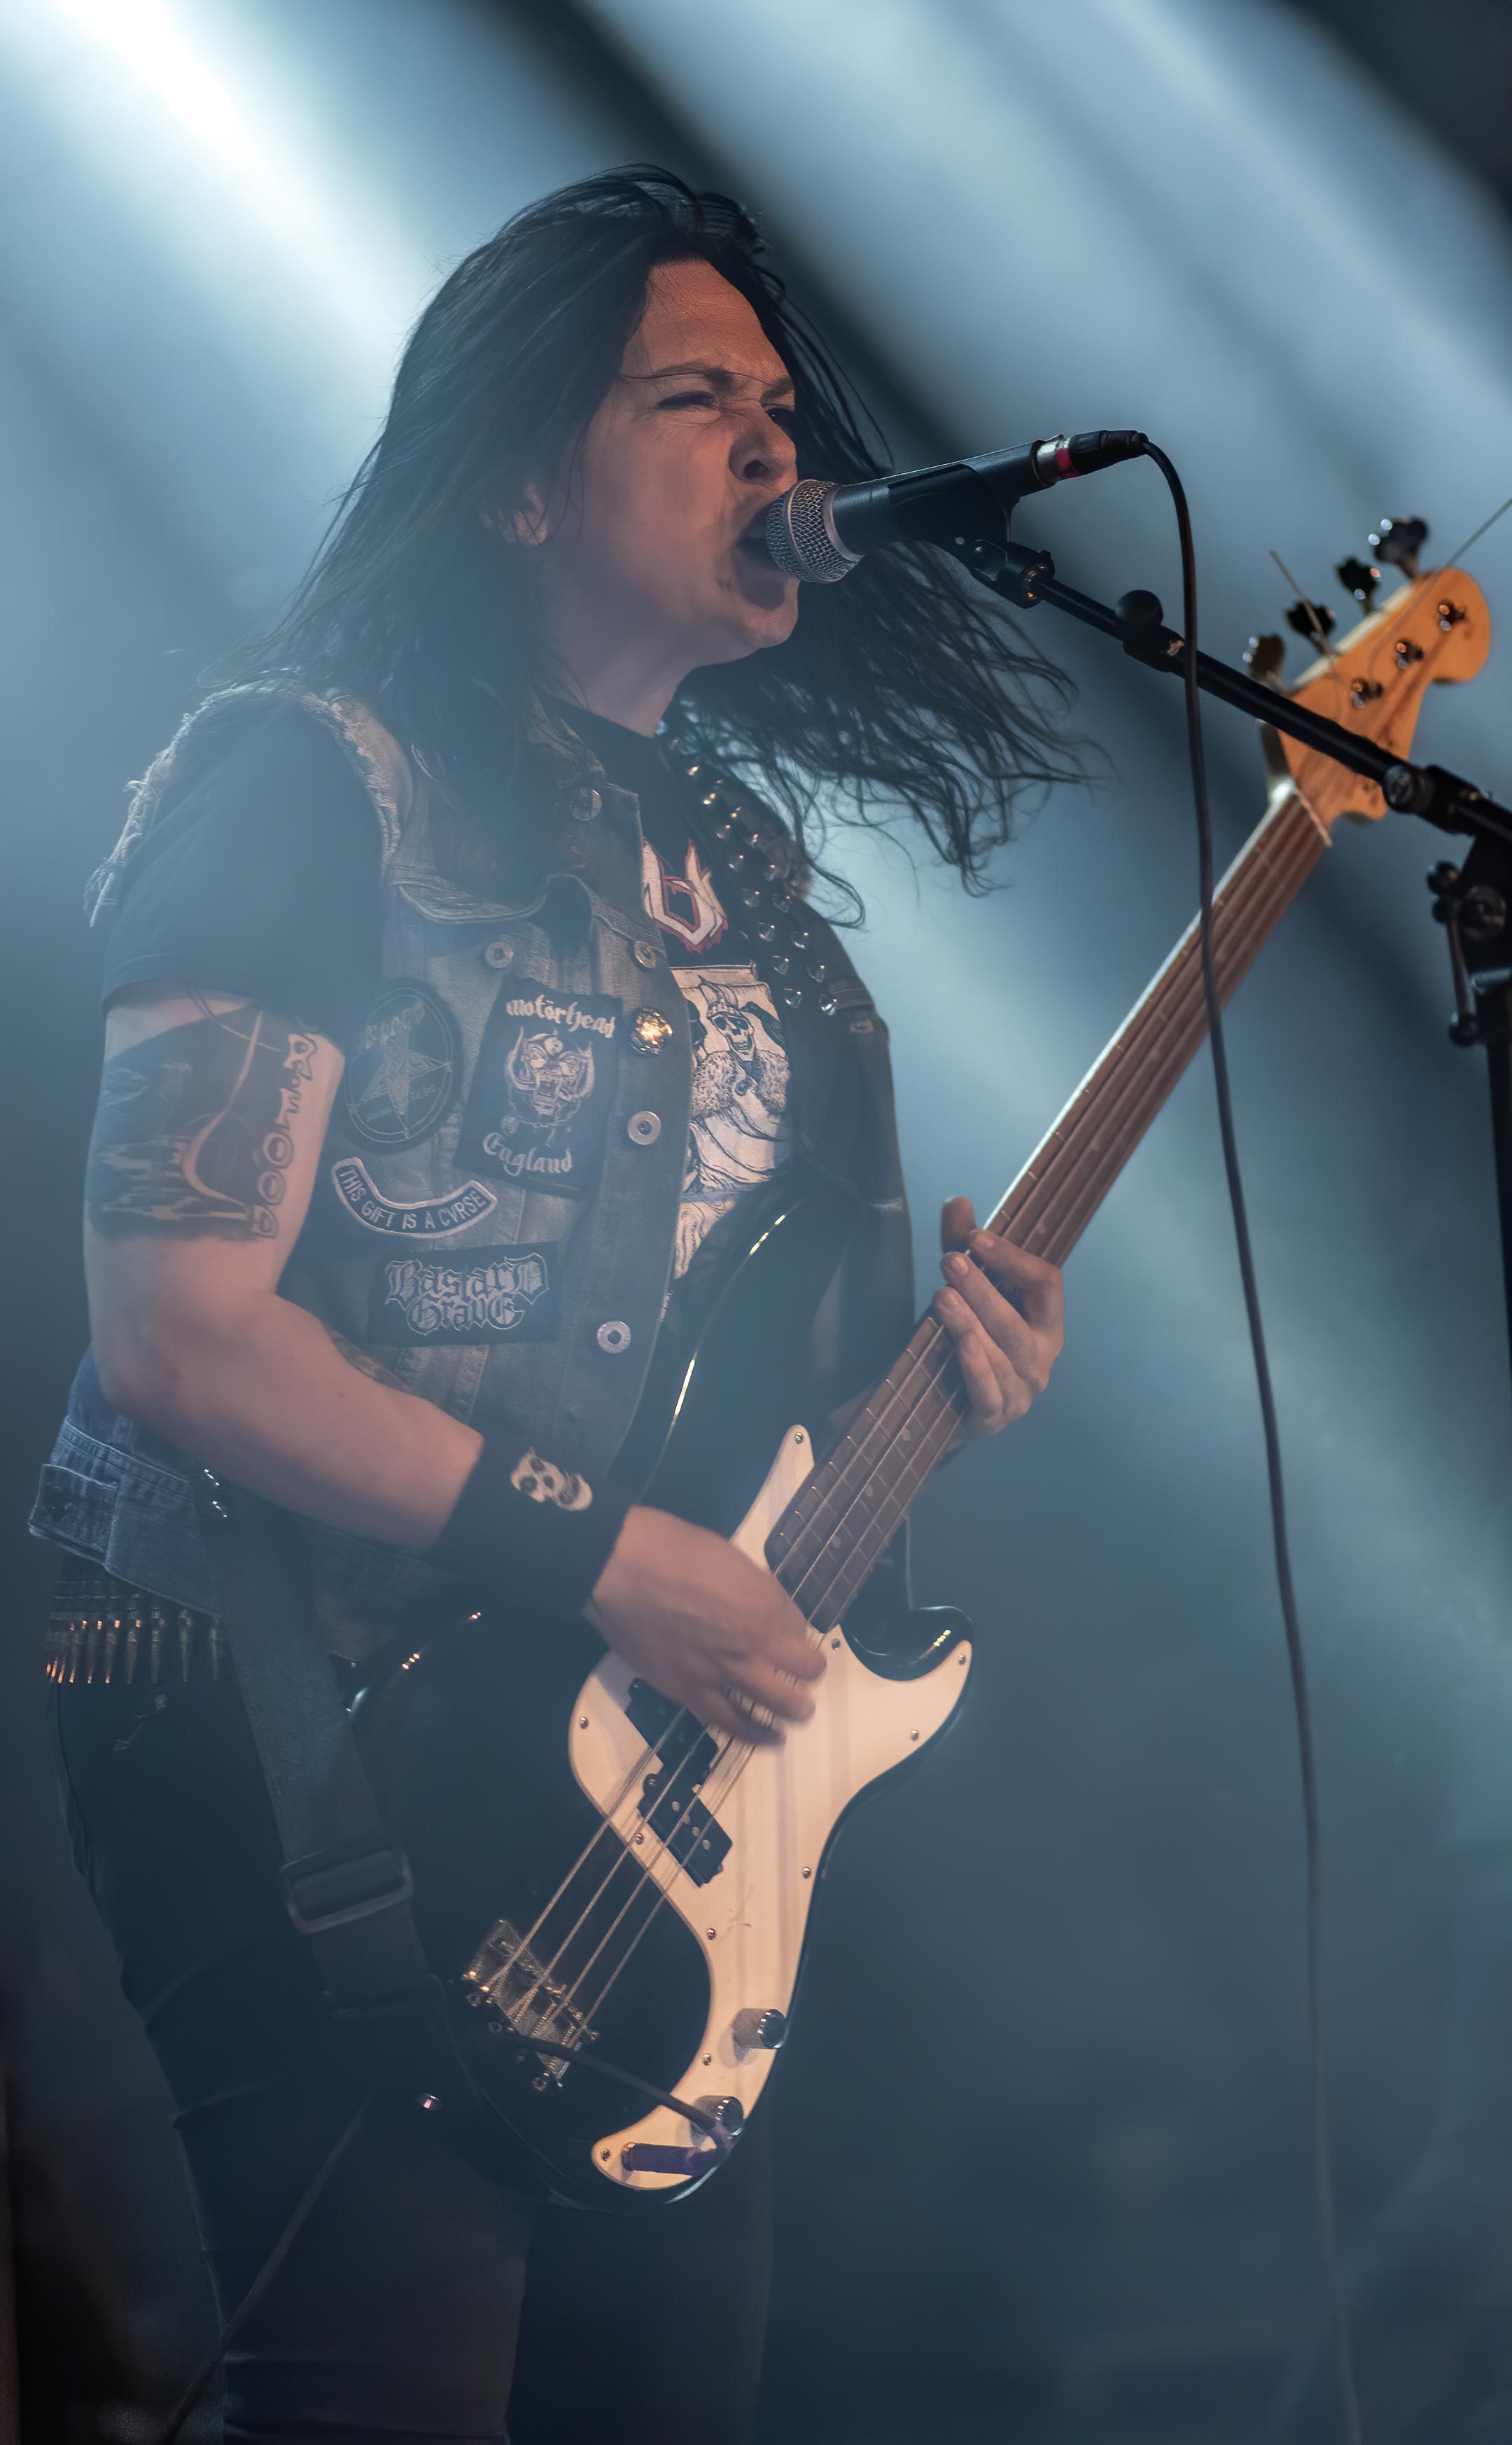 dead sleep anna wagner gefle metal festival topaz denoise ai-denoise